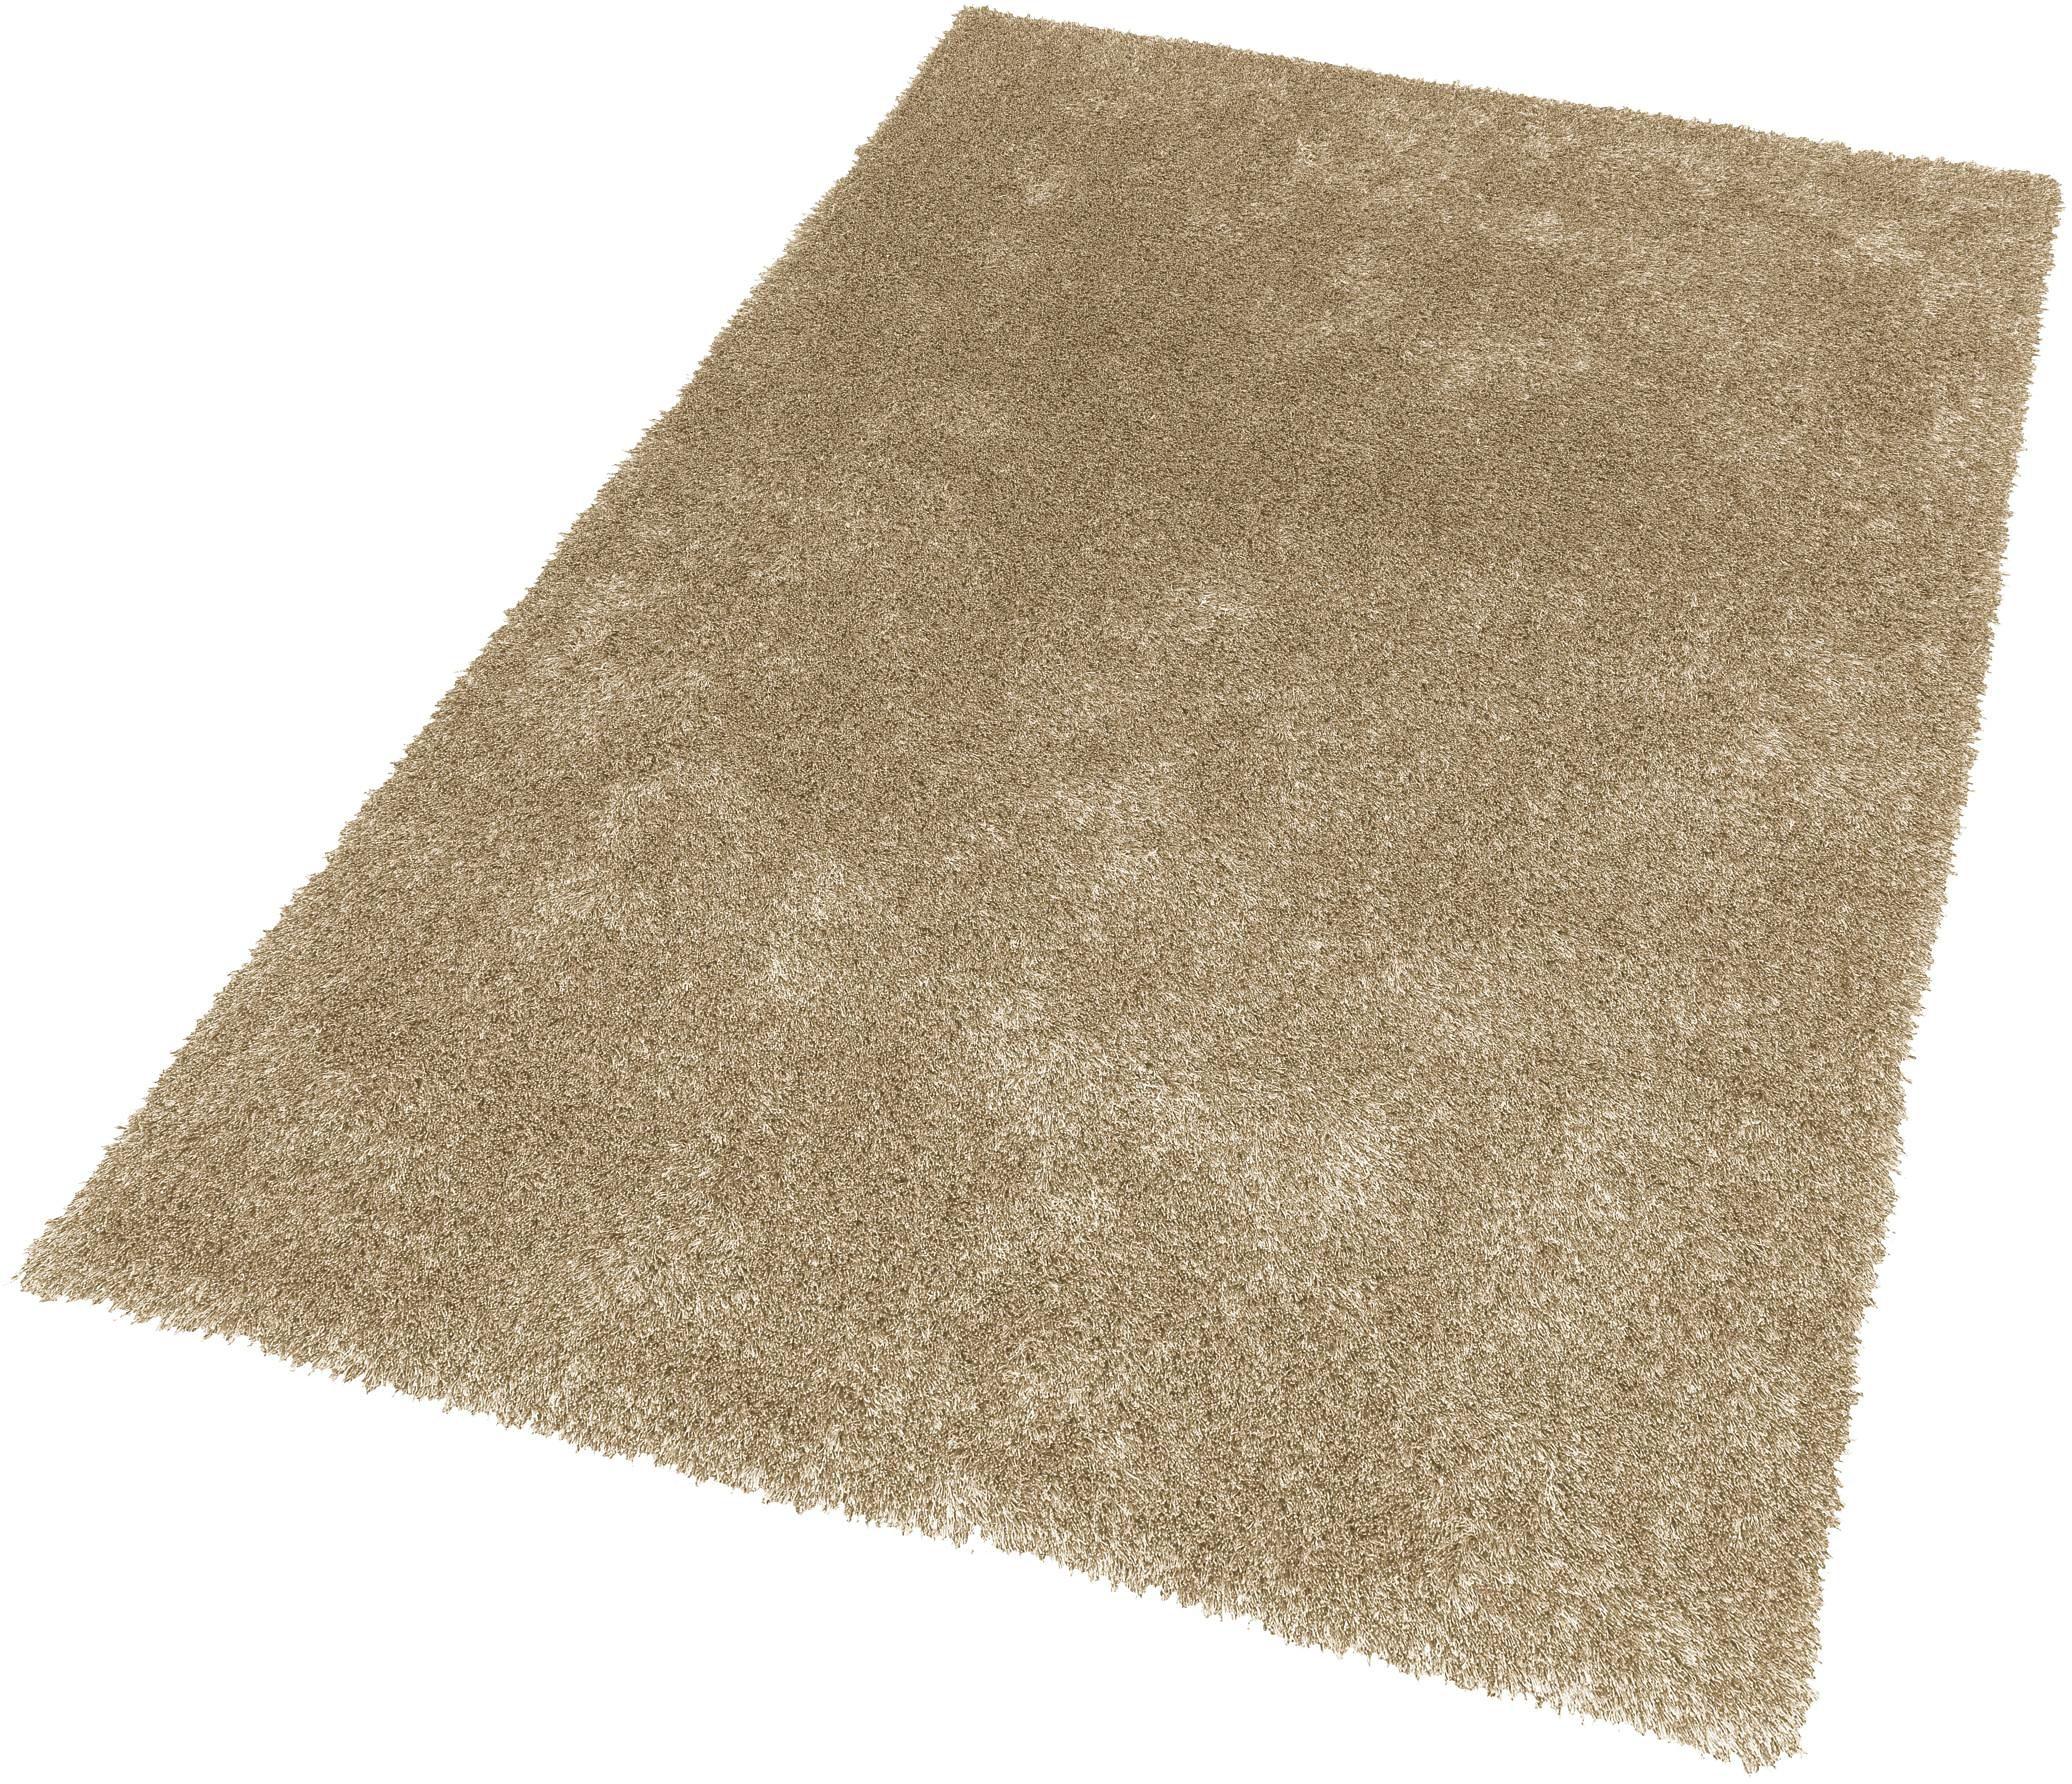 Hochflor-Teppich New Feeling SCHÖNER WOHNEN-Kollektion rechteckig Höhe 40 mm